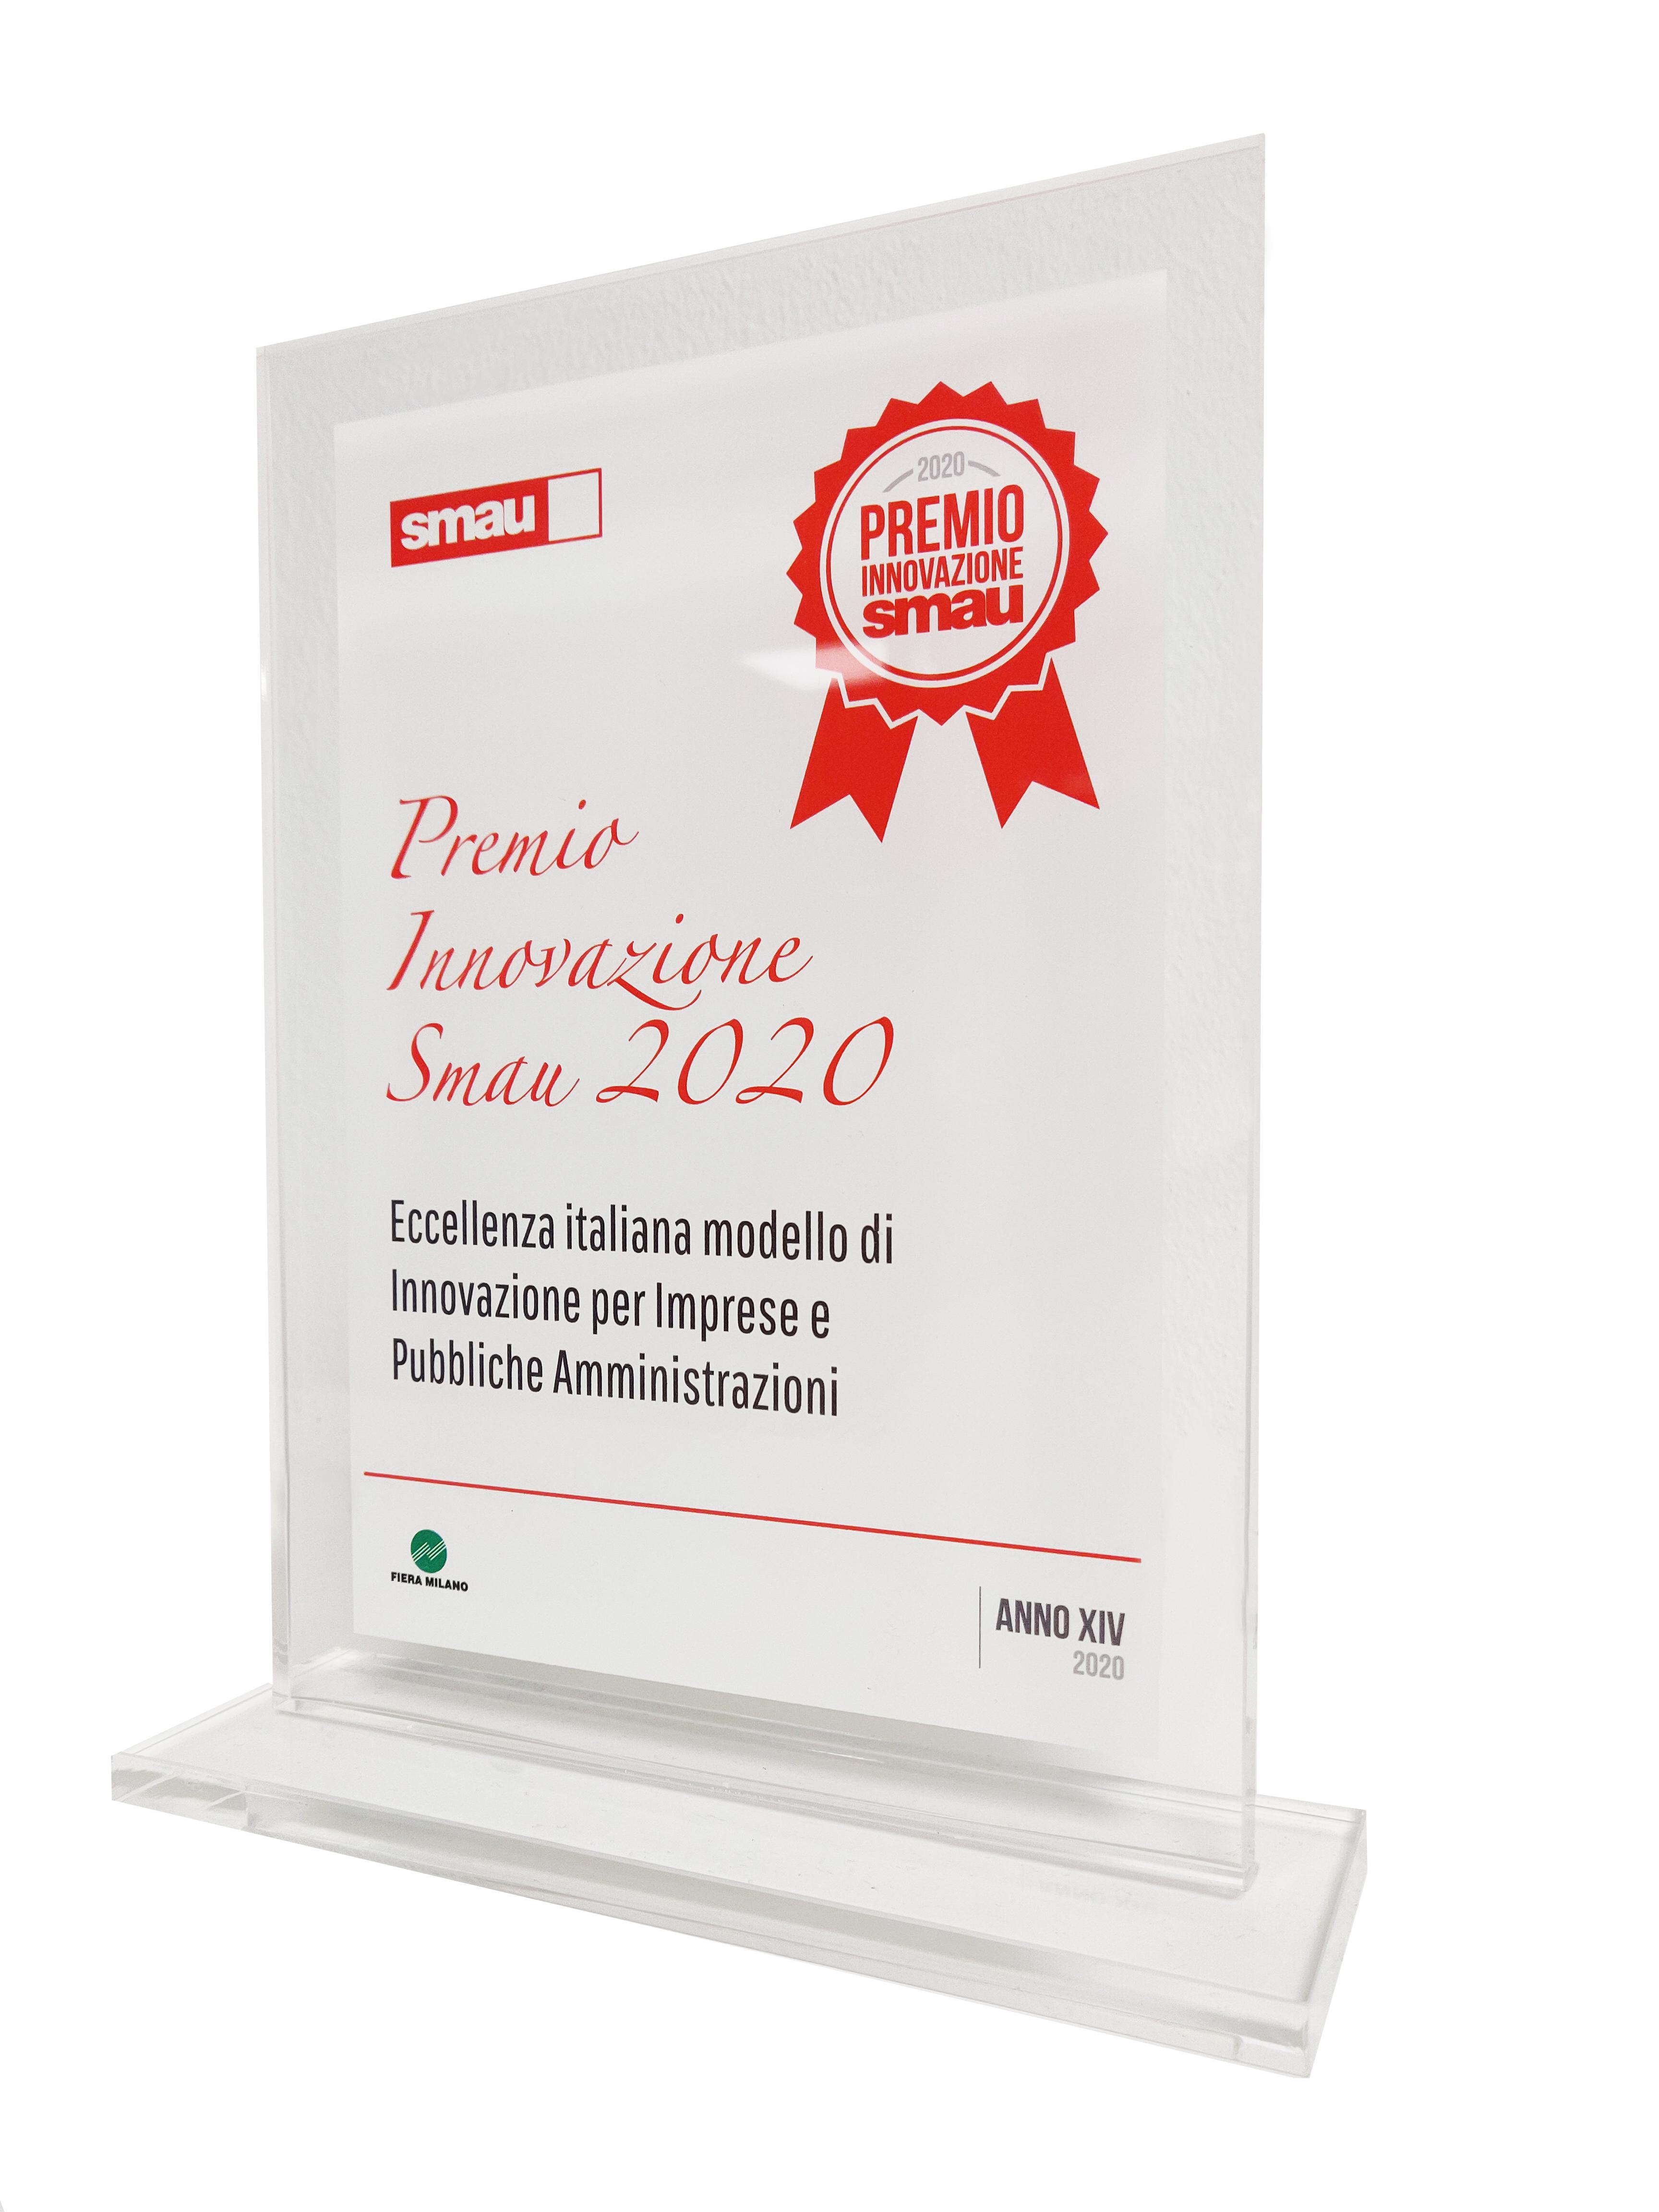 Energy vincitore del Premio Innovazione SMAU